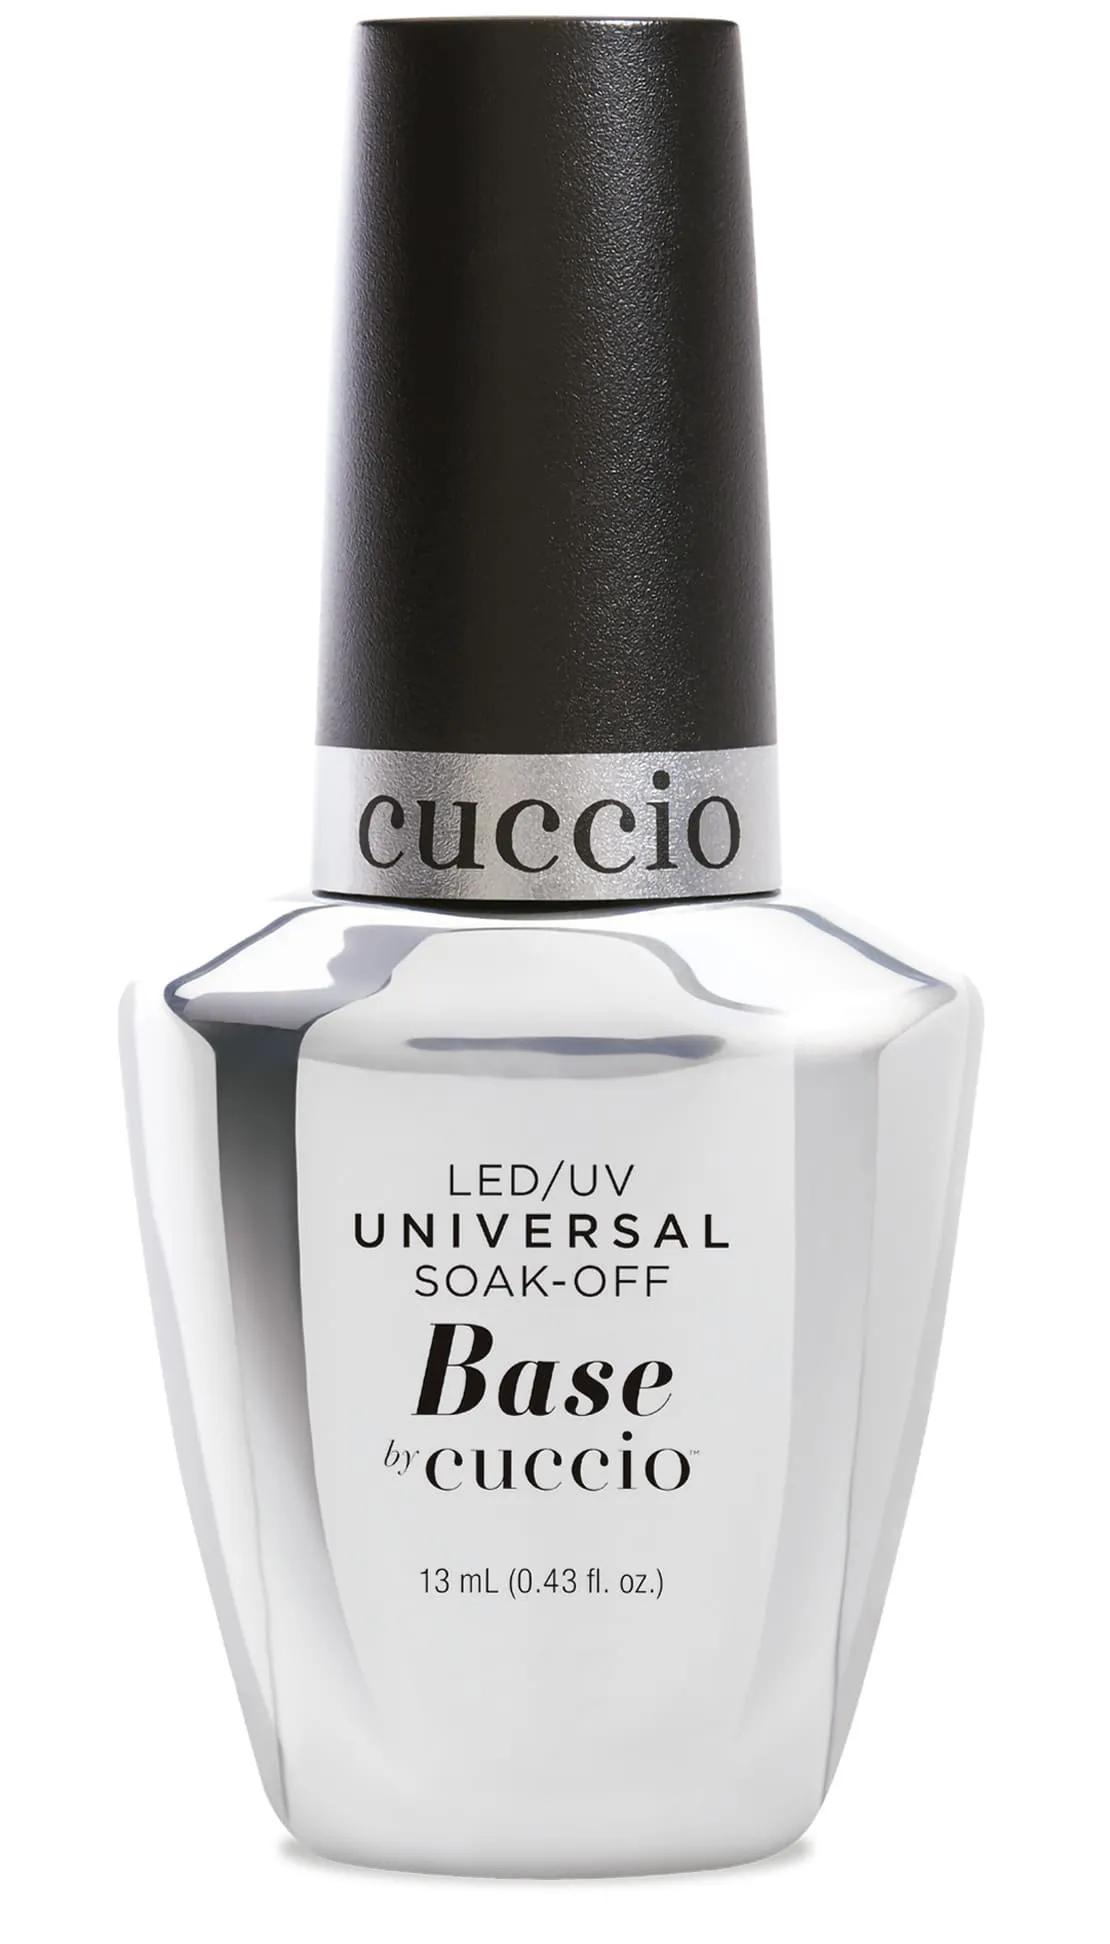 Base LED/UV Universal Cuccio - 13ML